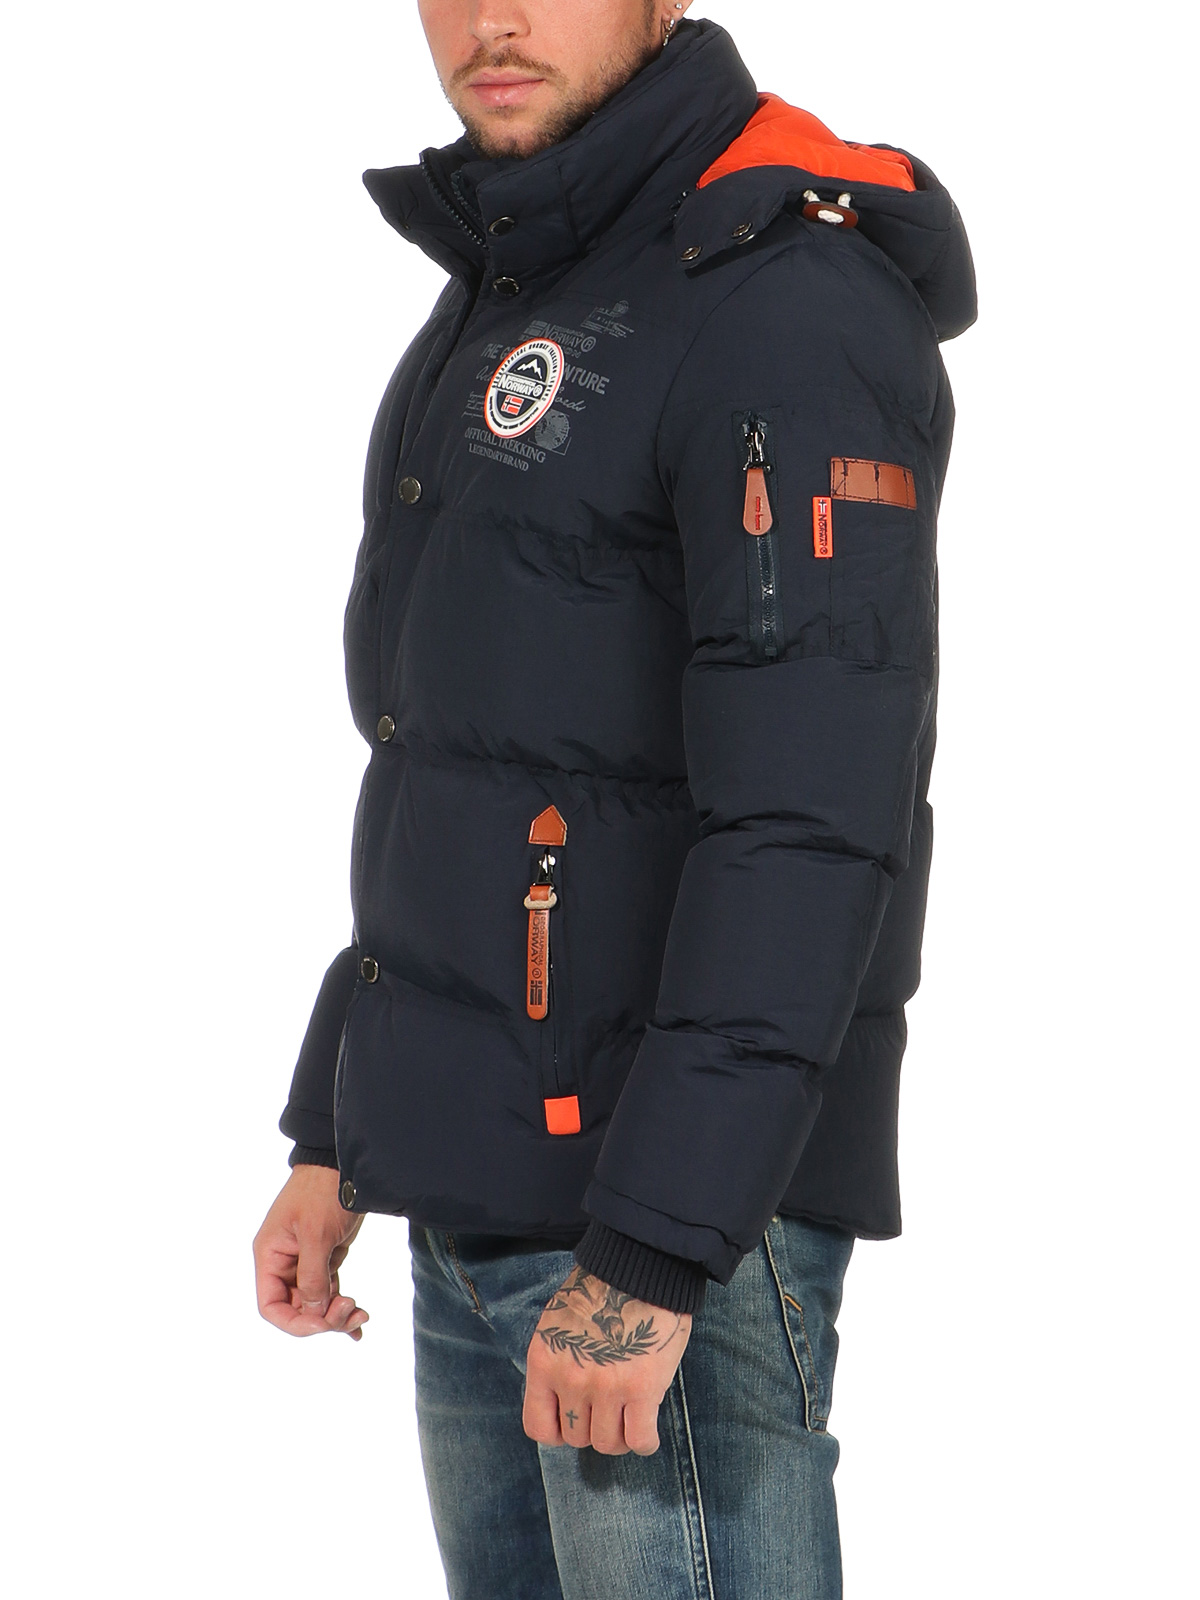 Geographical Norway warme gefütterte Winter Jacke bomber Outdoor Winterjacke